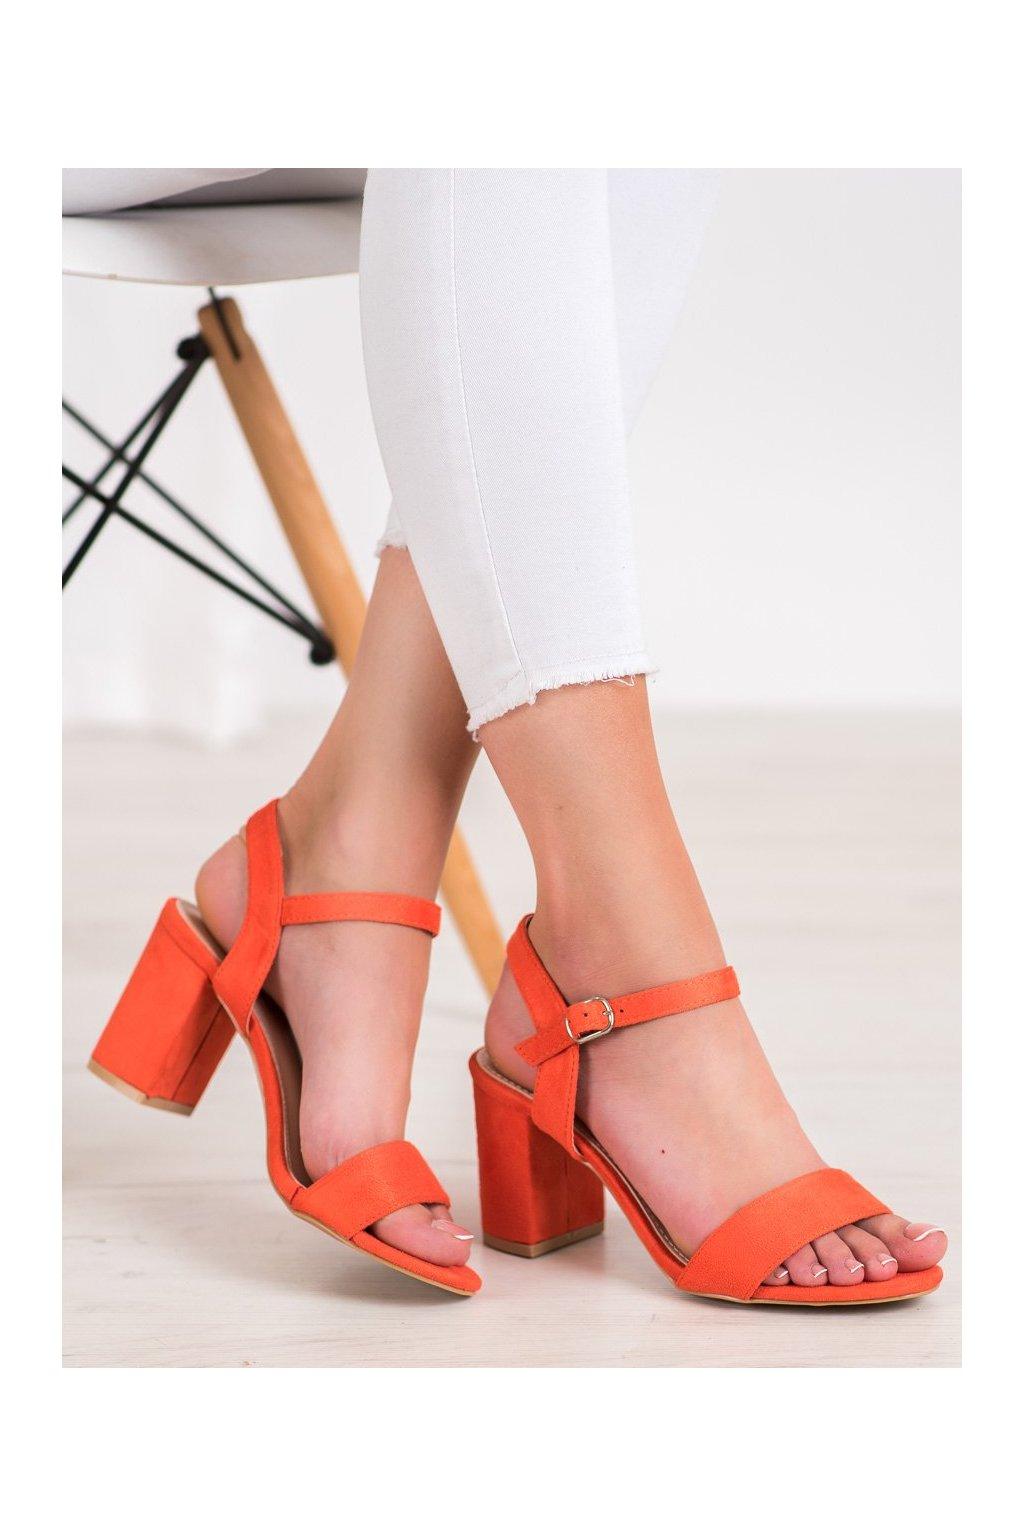 Oranžové sandále Nio nio kod 3032OR